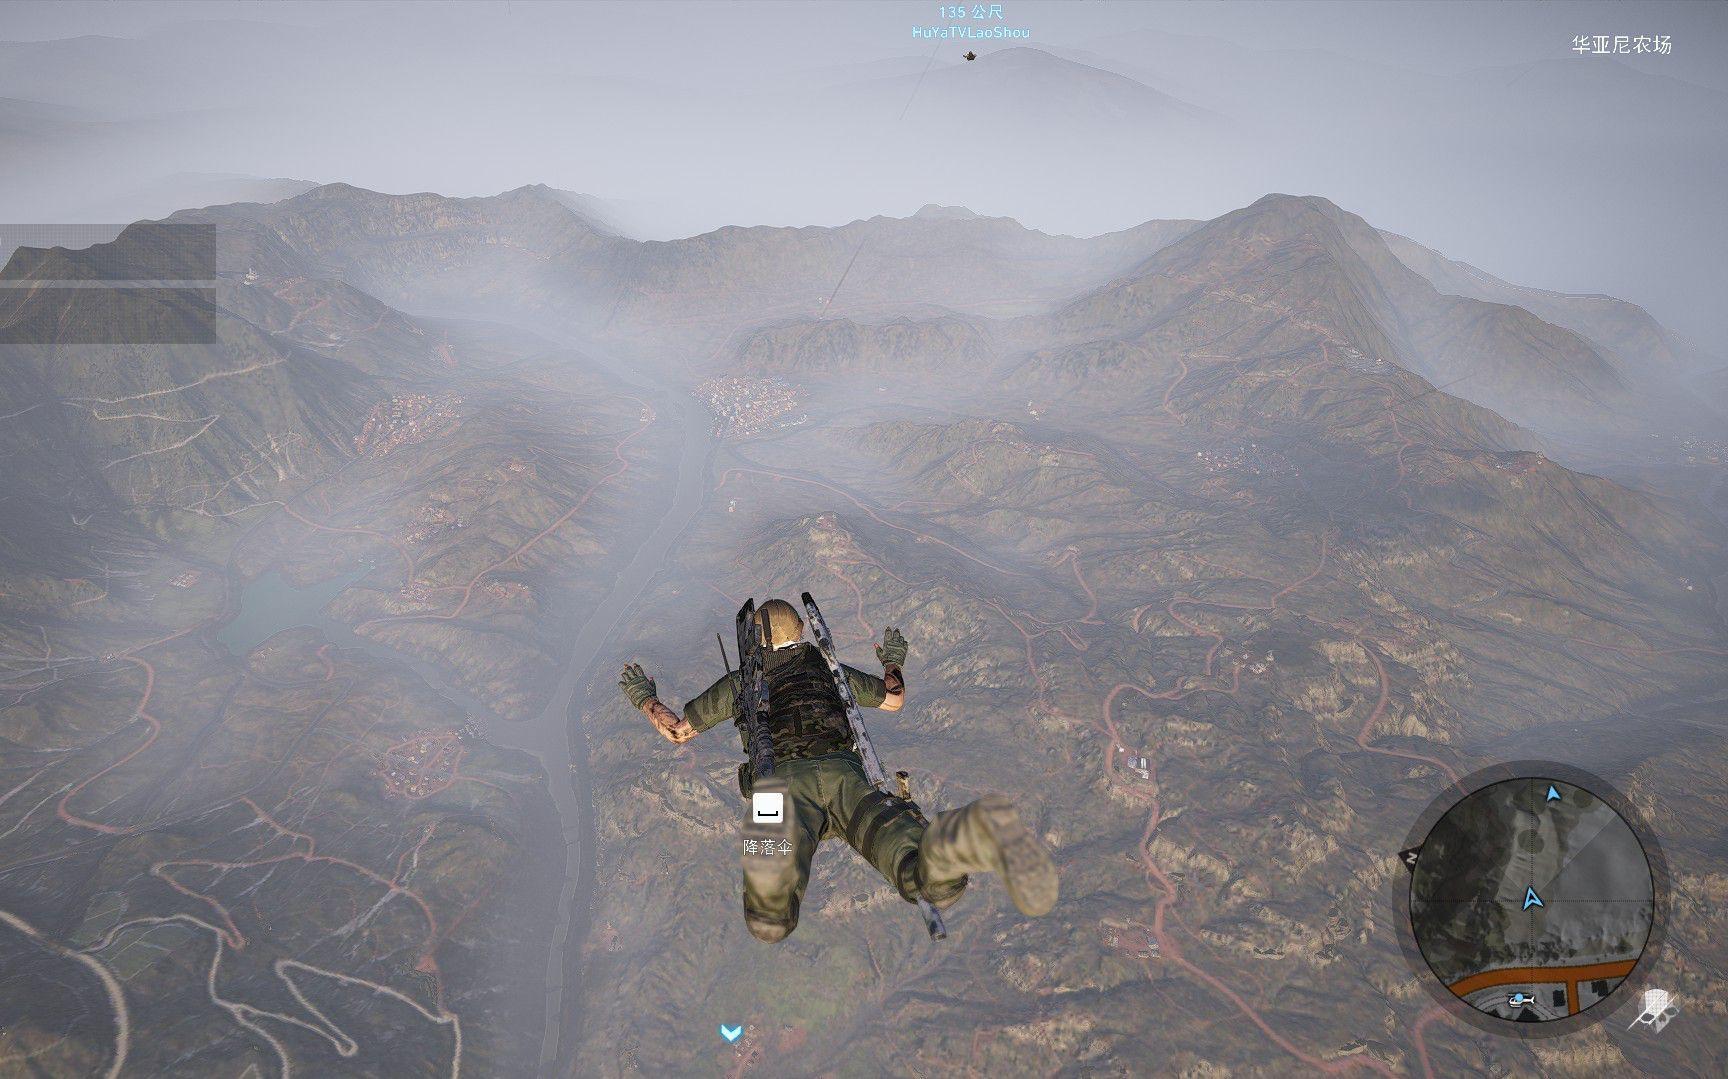 荒野行动雾天模式看不清怎么办?雾天模式生存技巧介绍!